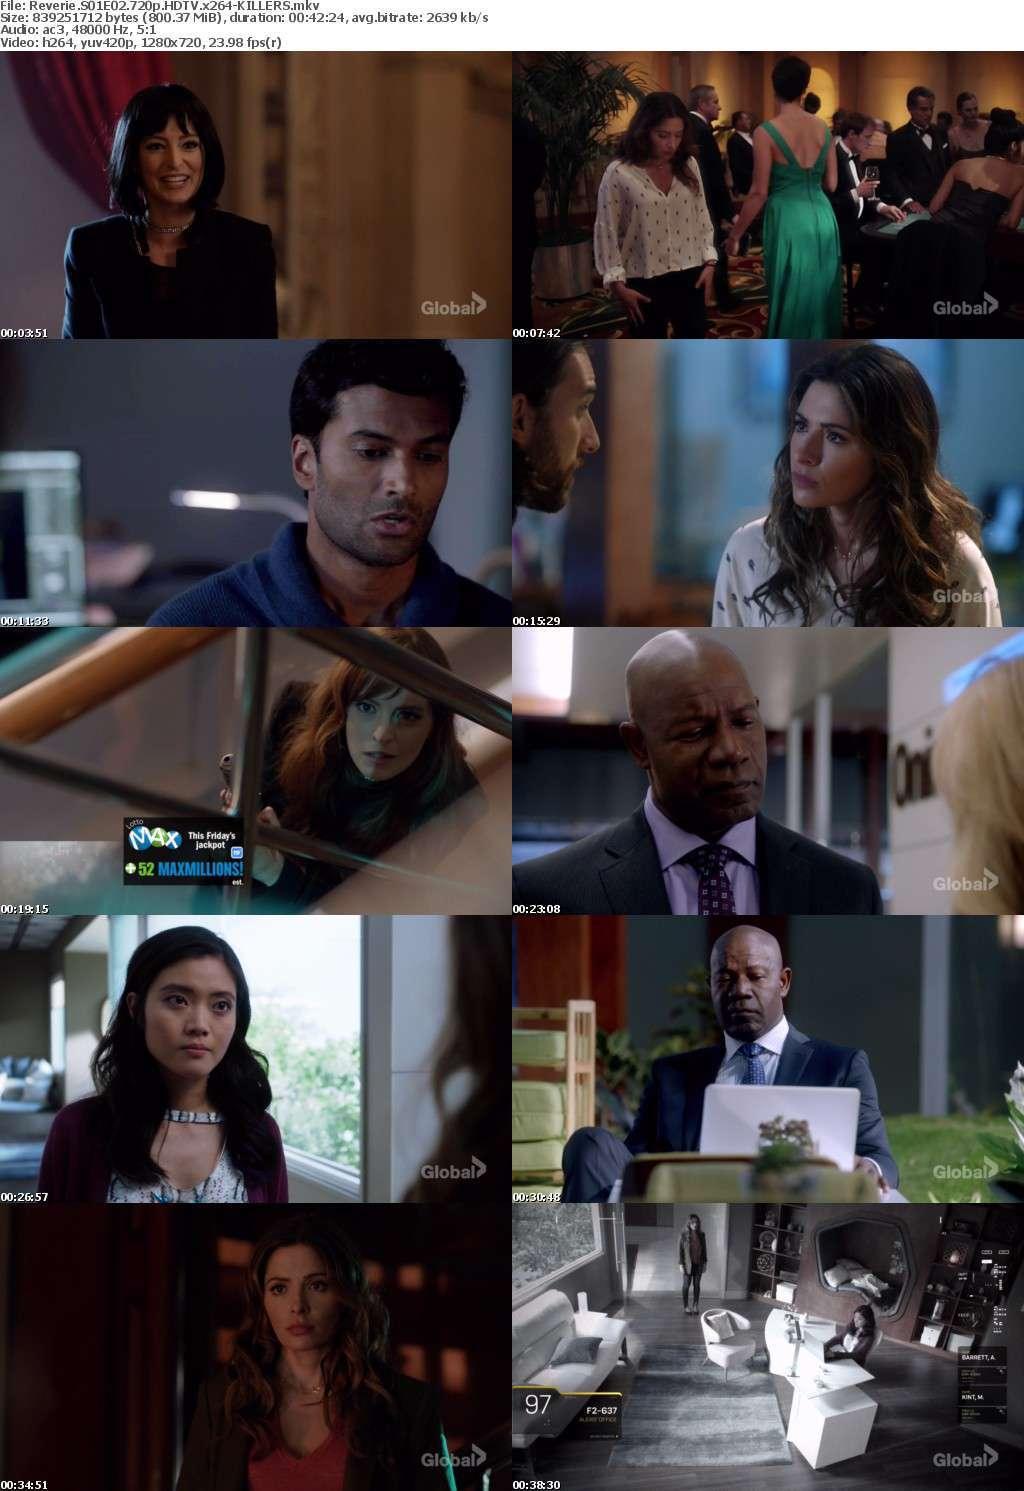 Reverie S01E02 720p HDTV x264-KILLERS